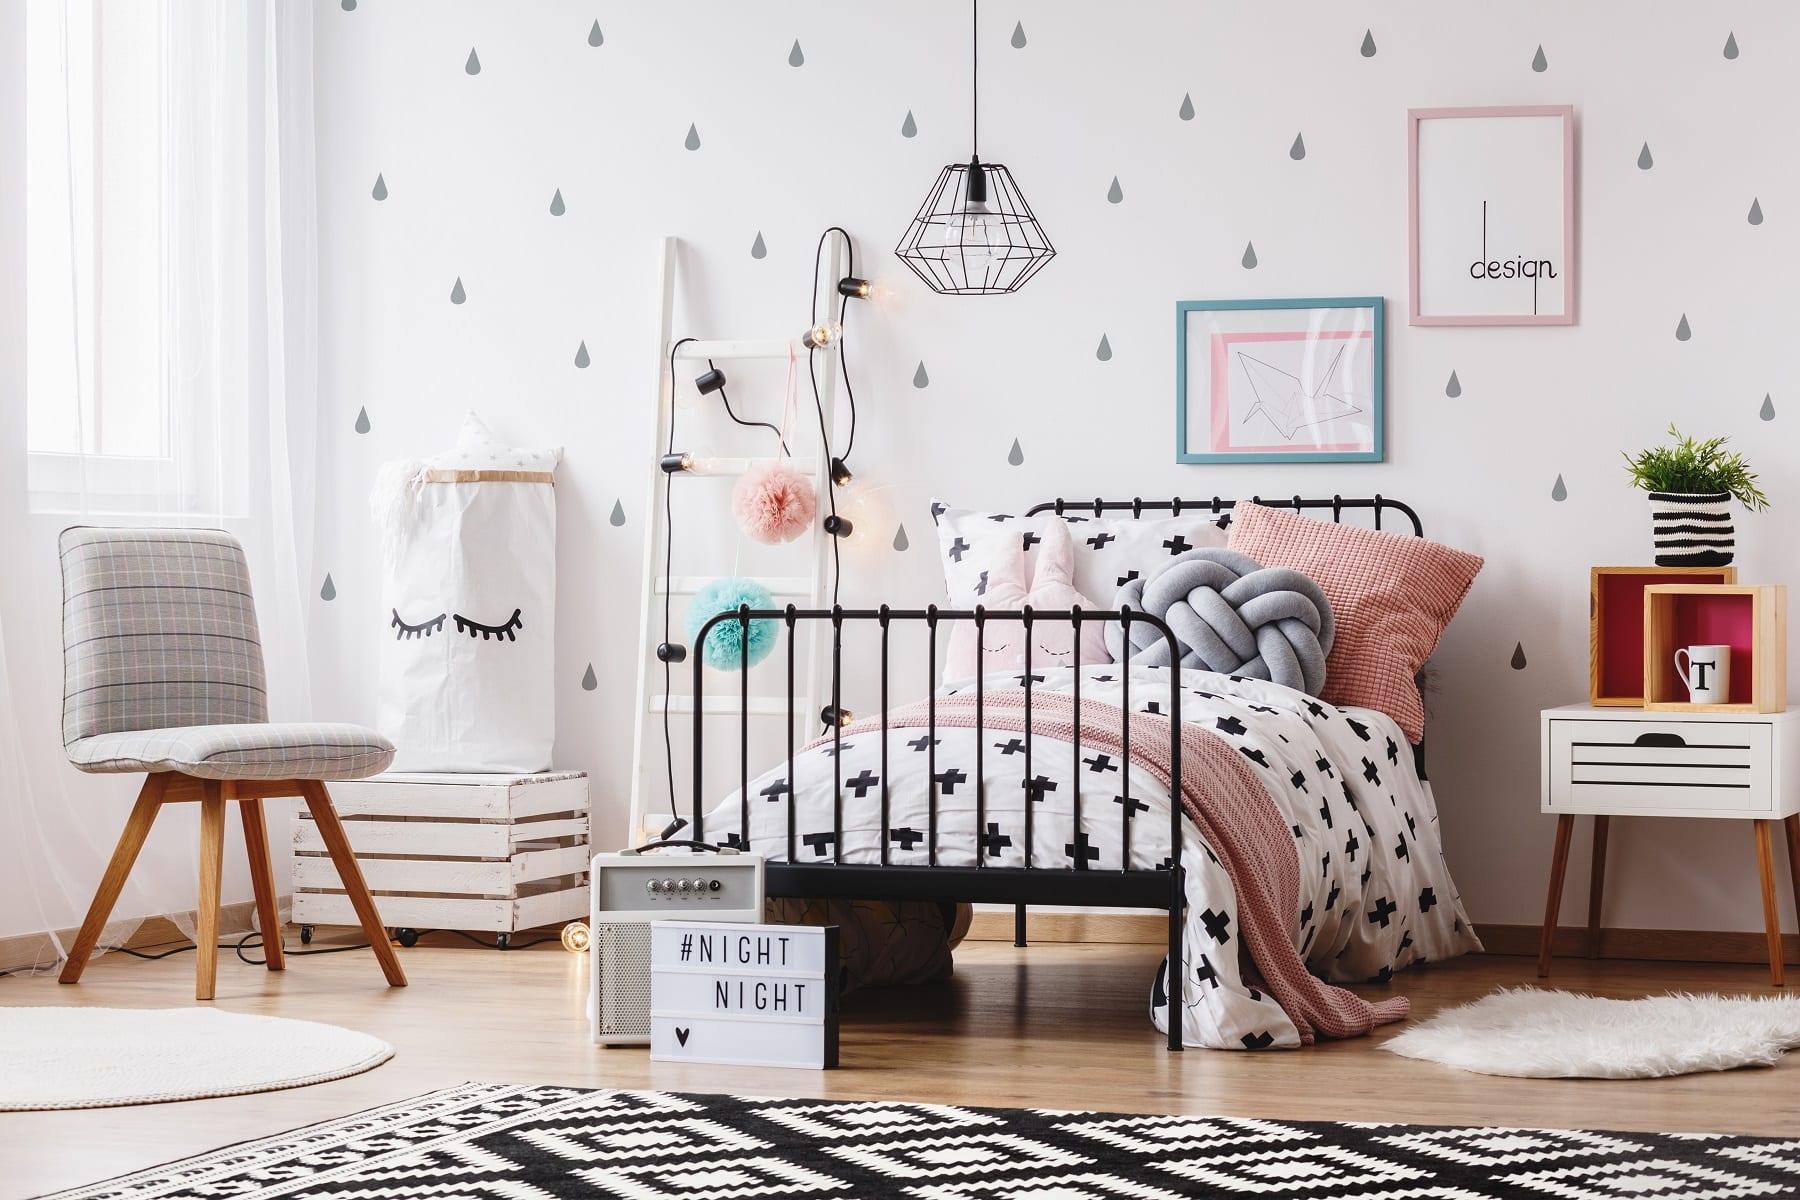 Grey chair in girl's bedroom